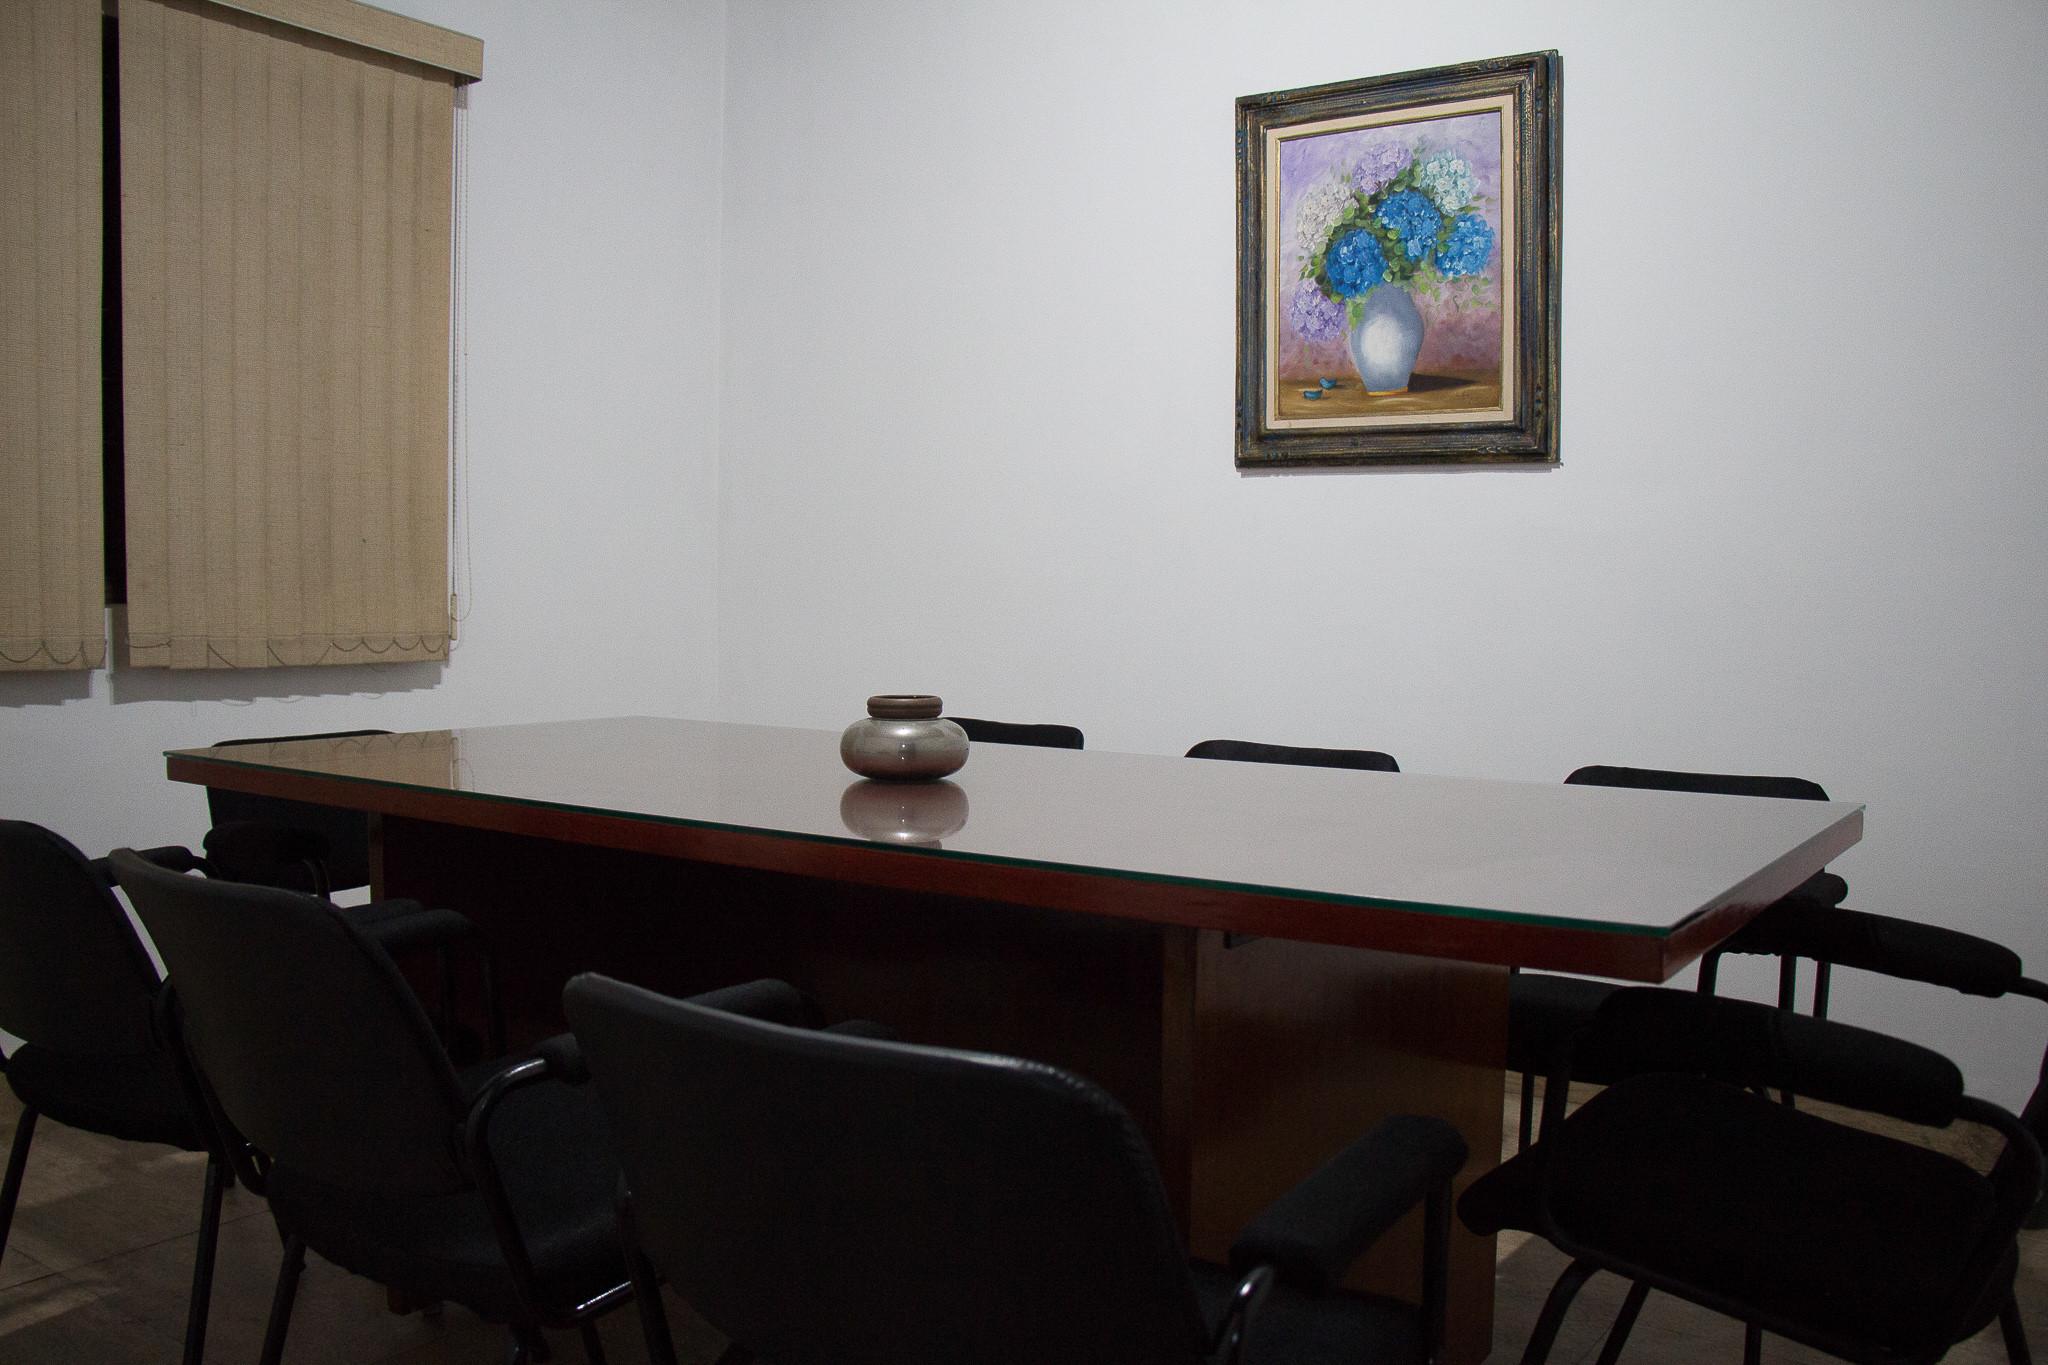 Sala 1 - Cursos e Reuniões